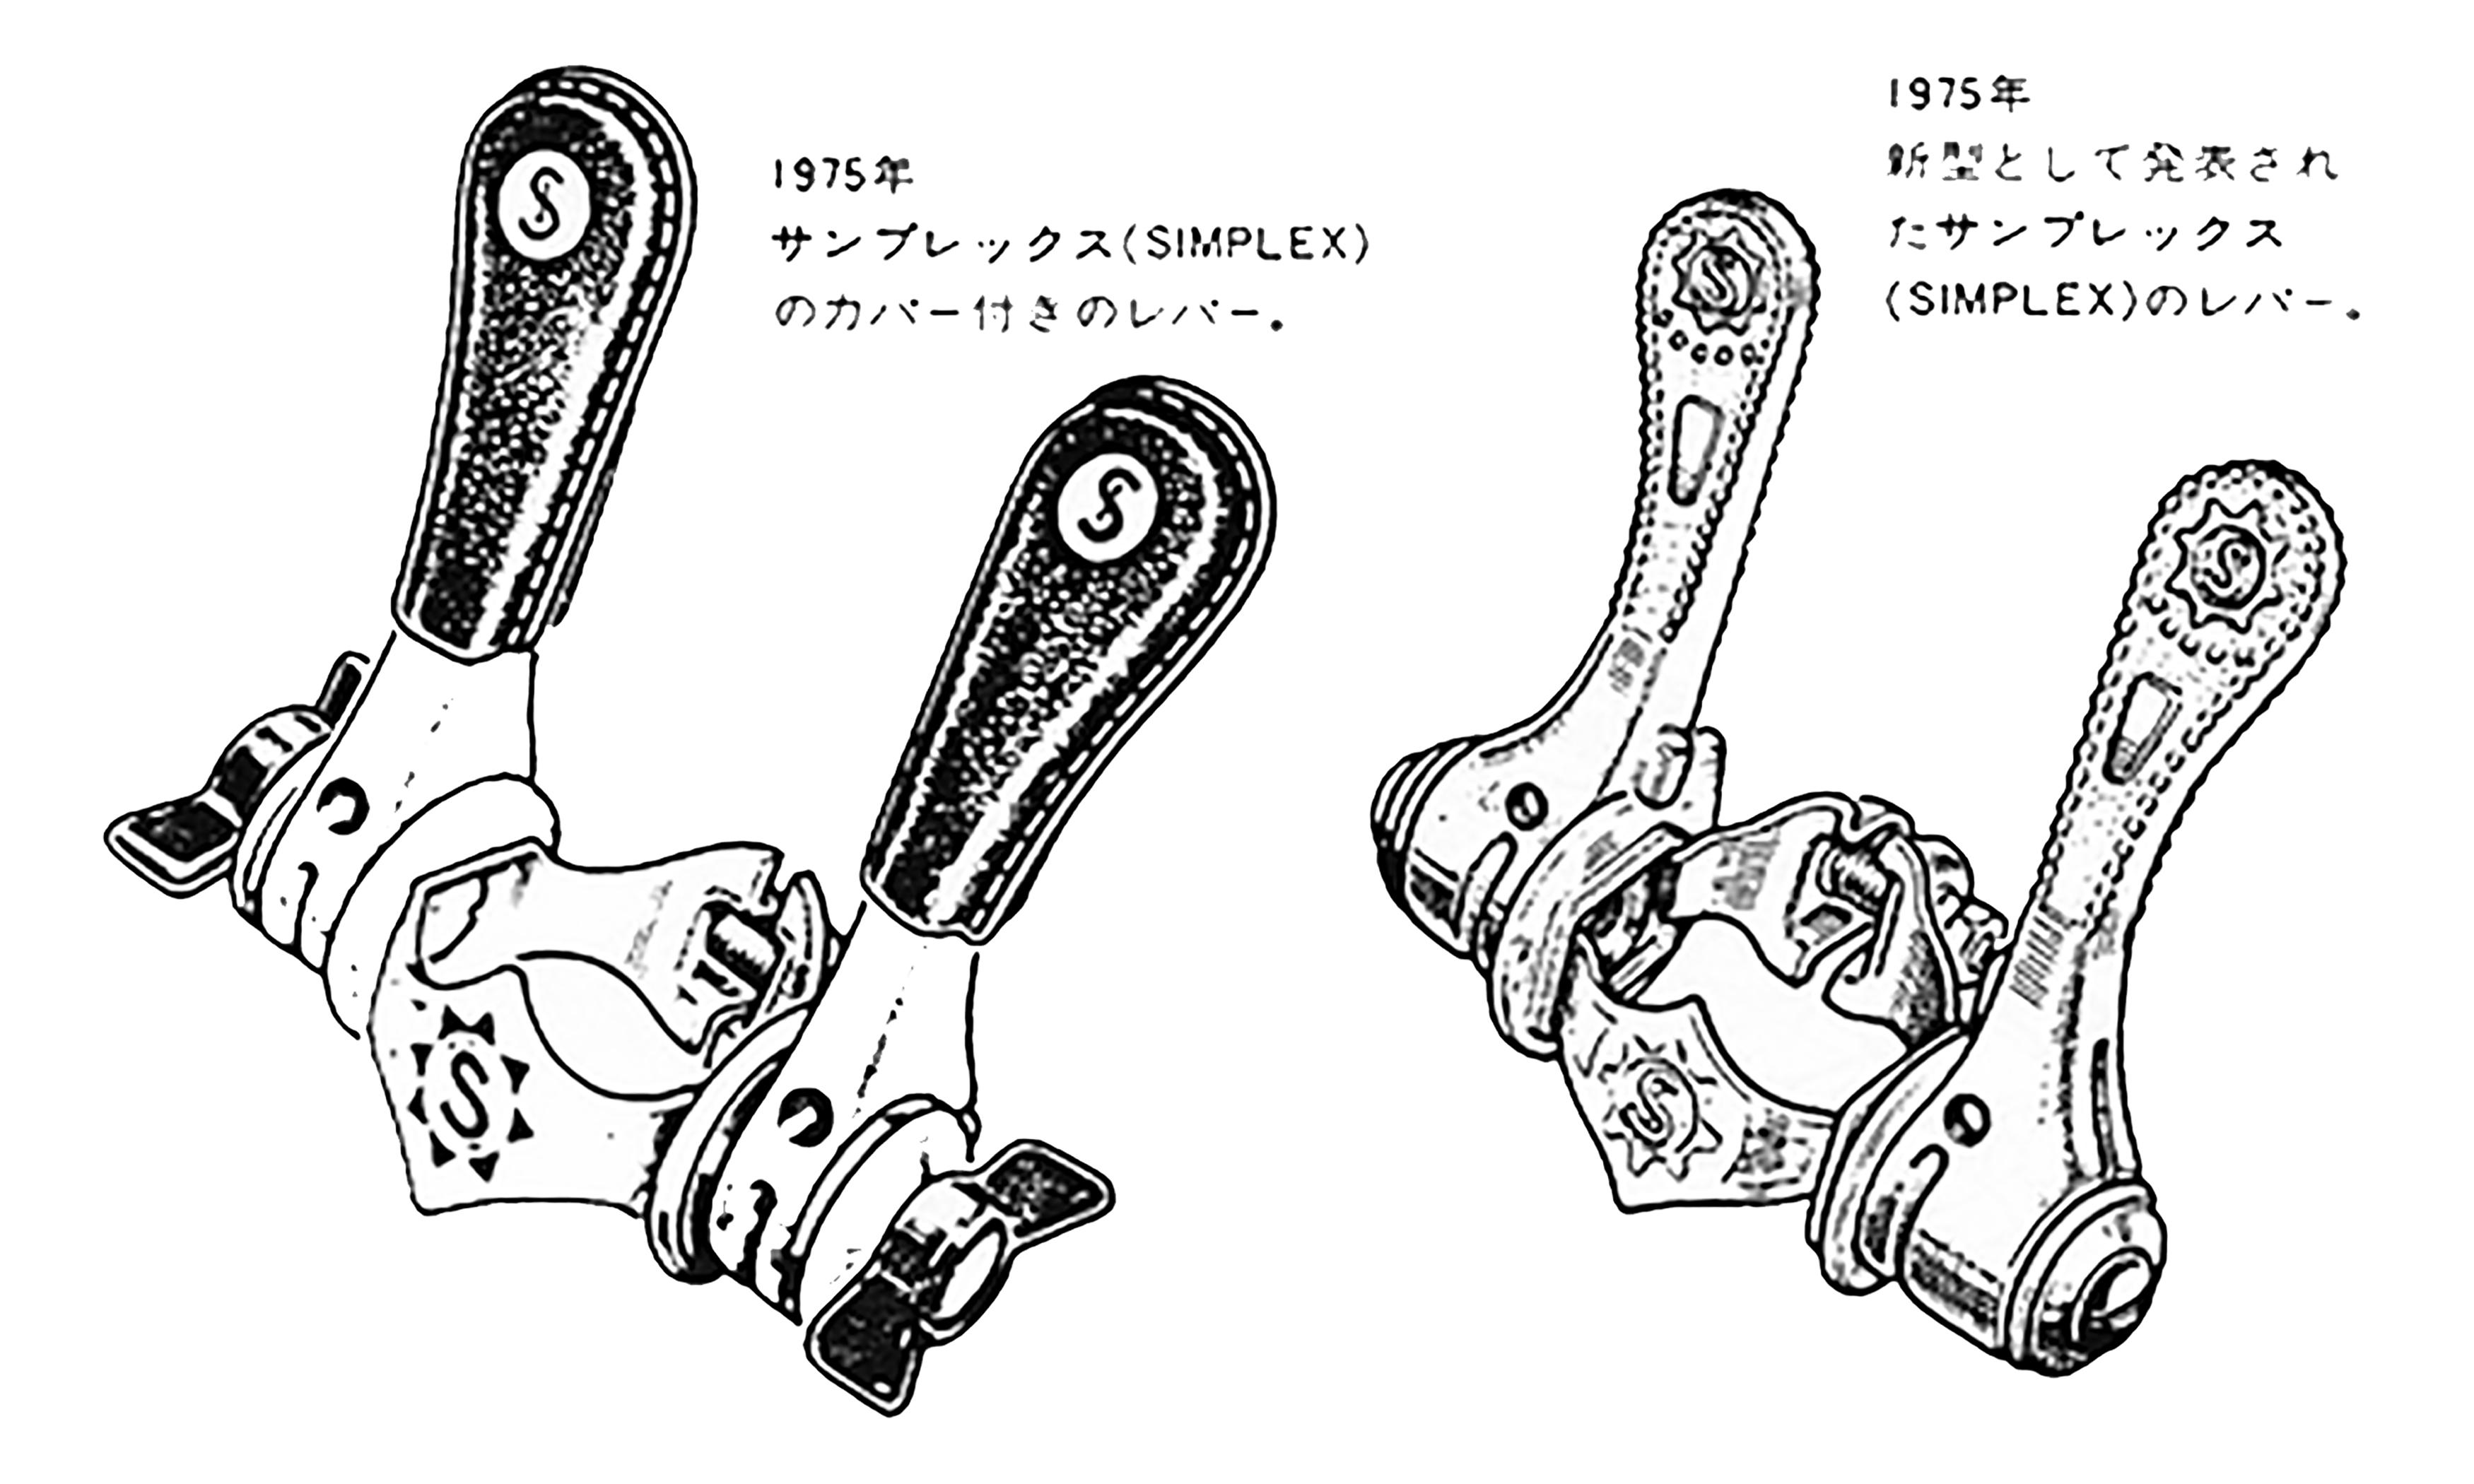 Daniel Rebour Simplex Shift Levers 1975